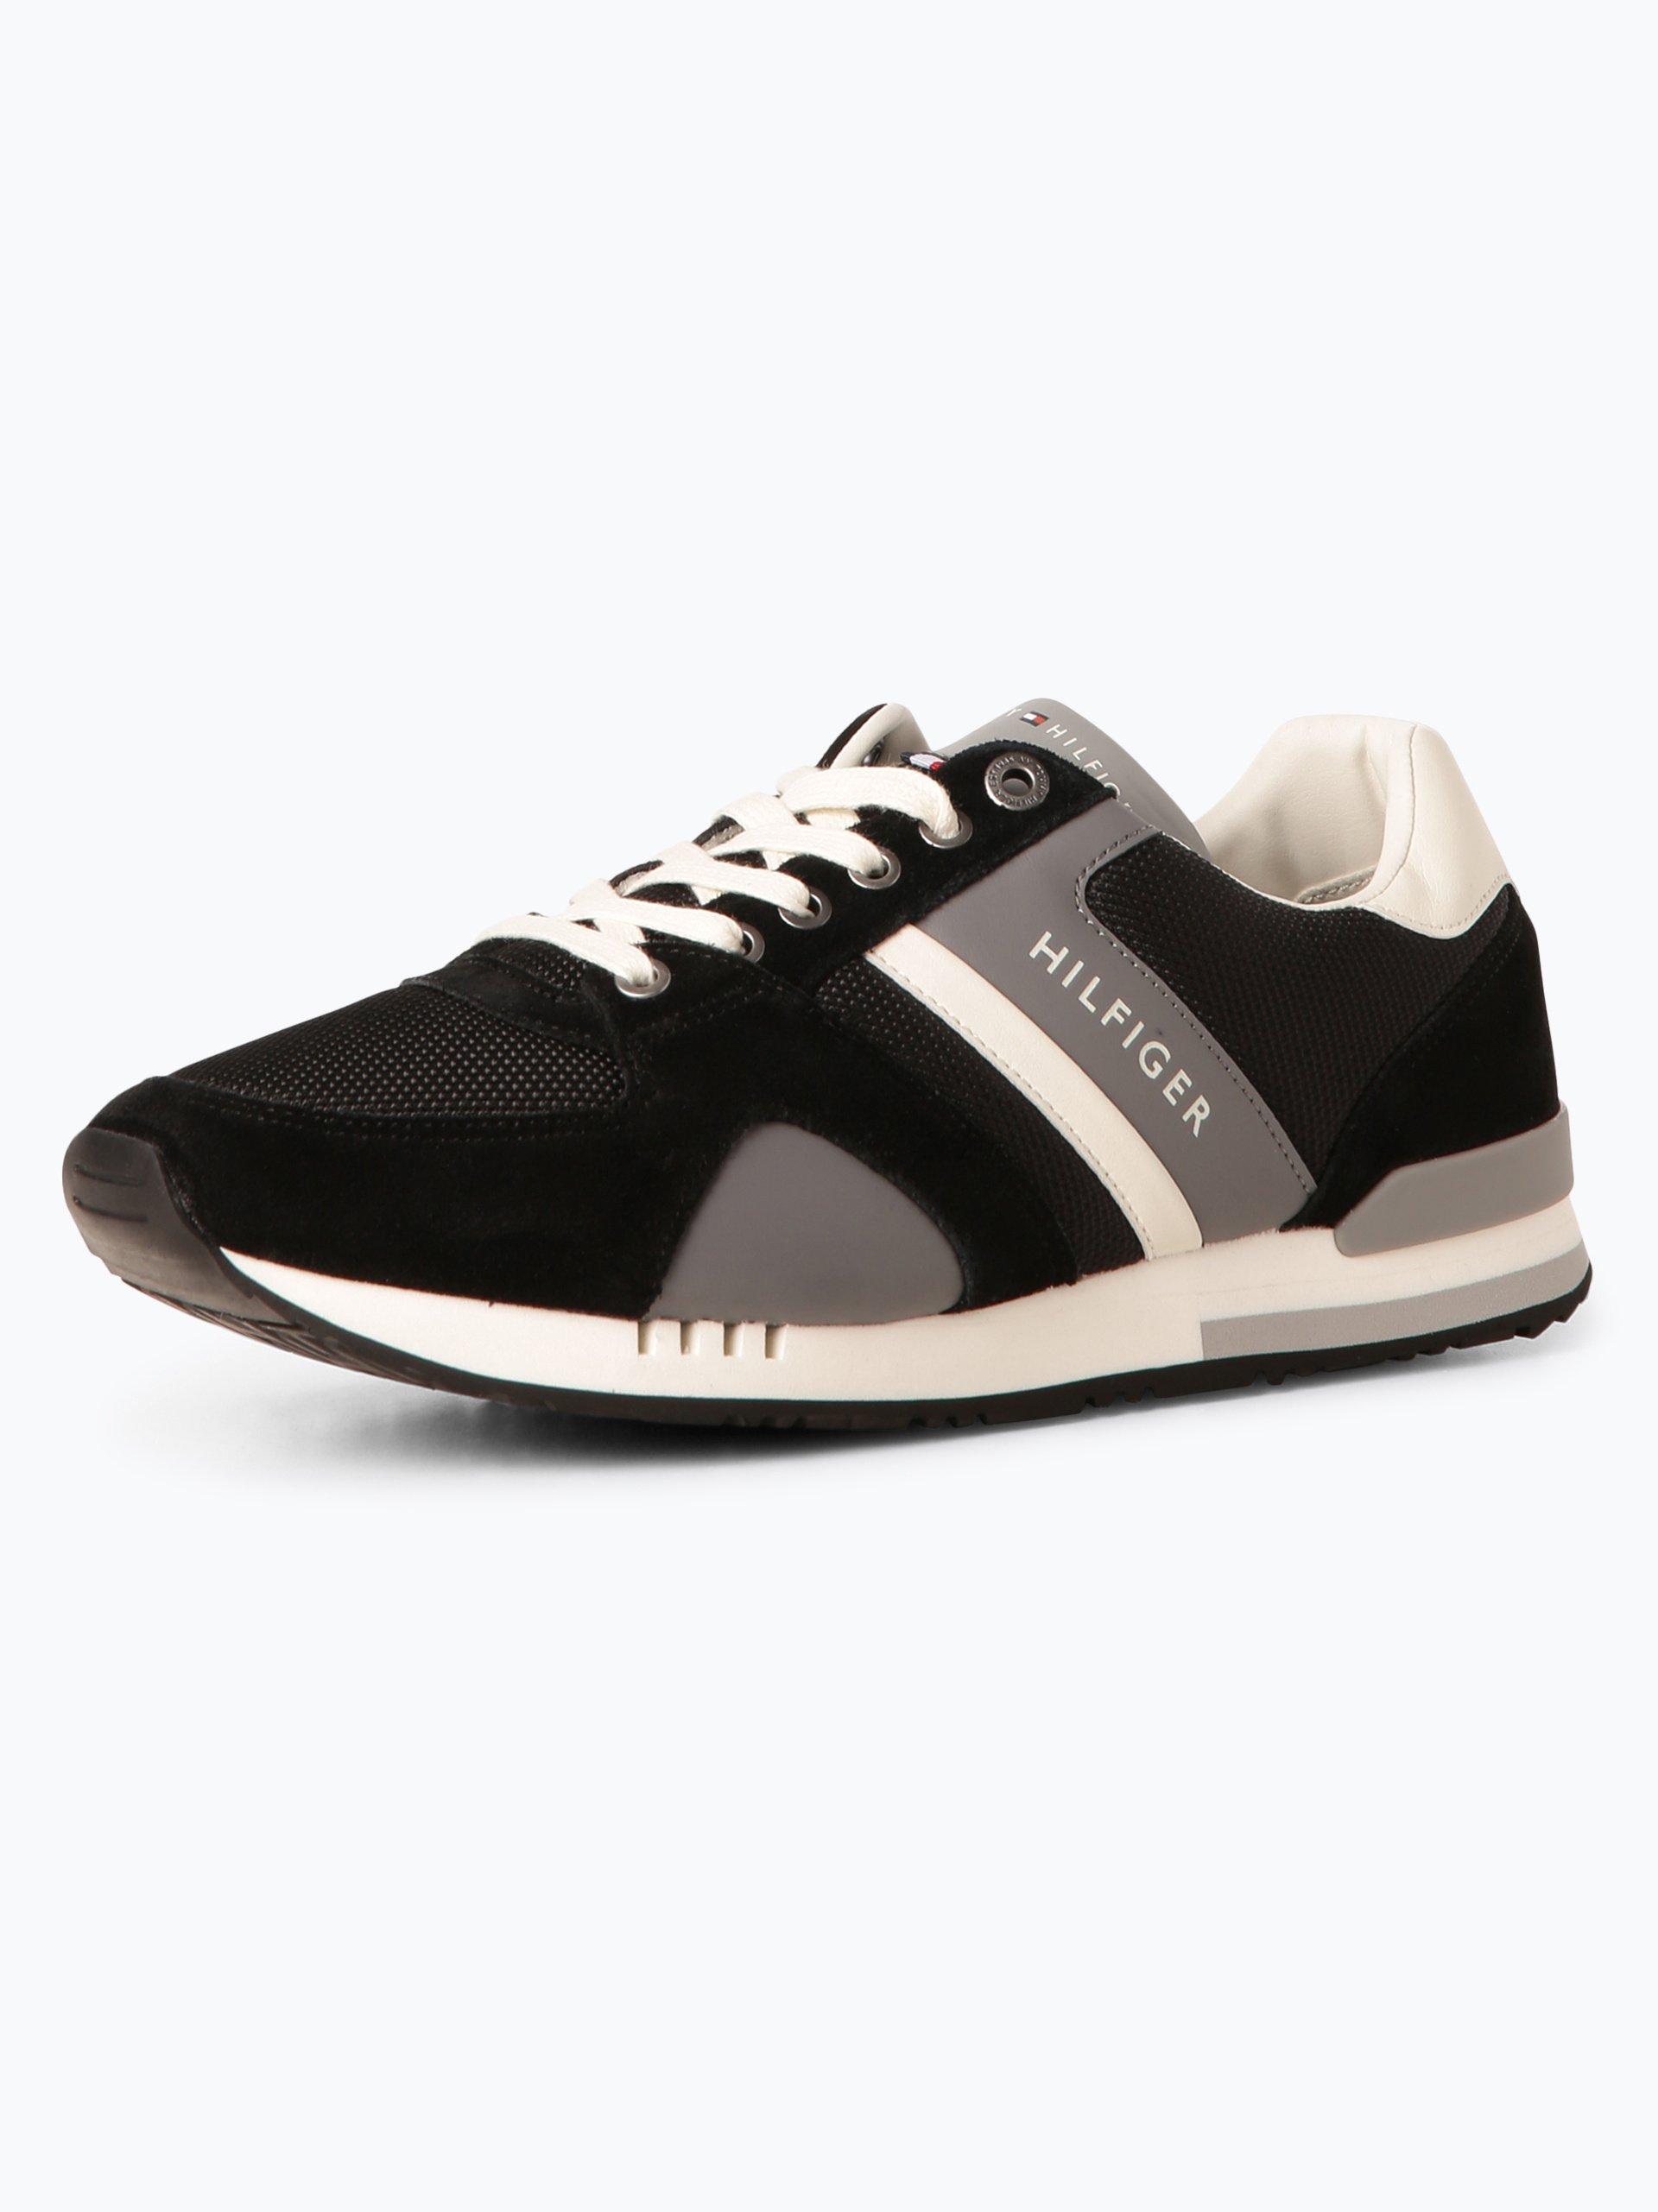 tommy hilfiger herren sneaker mit leder anteil 2 online kaufen peek und cloppenburg de. Black Bedroom Furniture Sets. Home Design Ideas